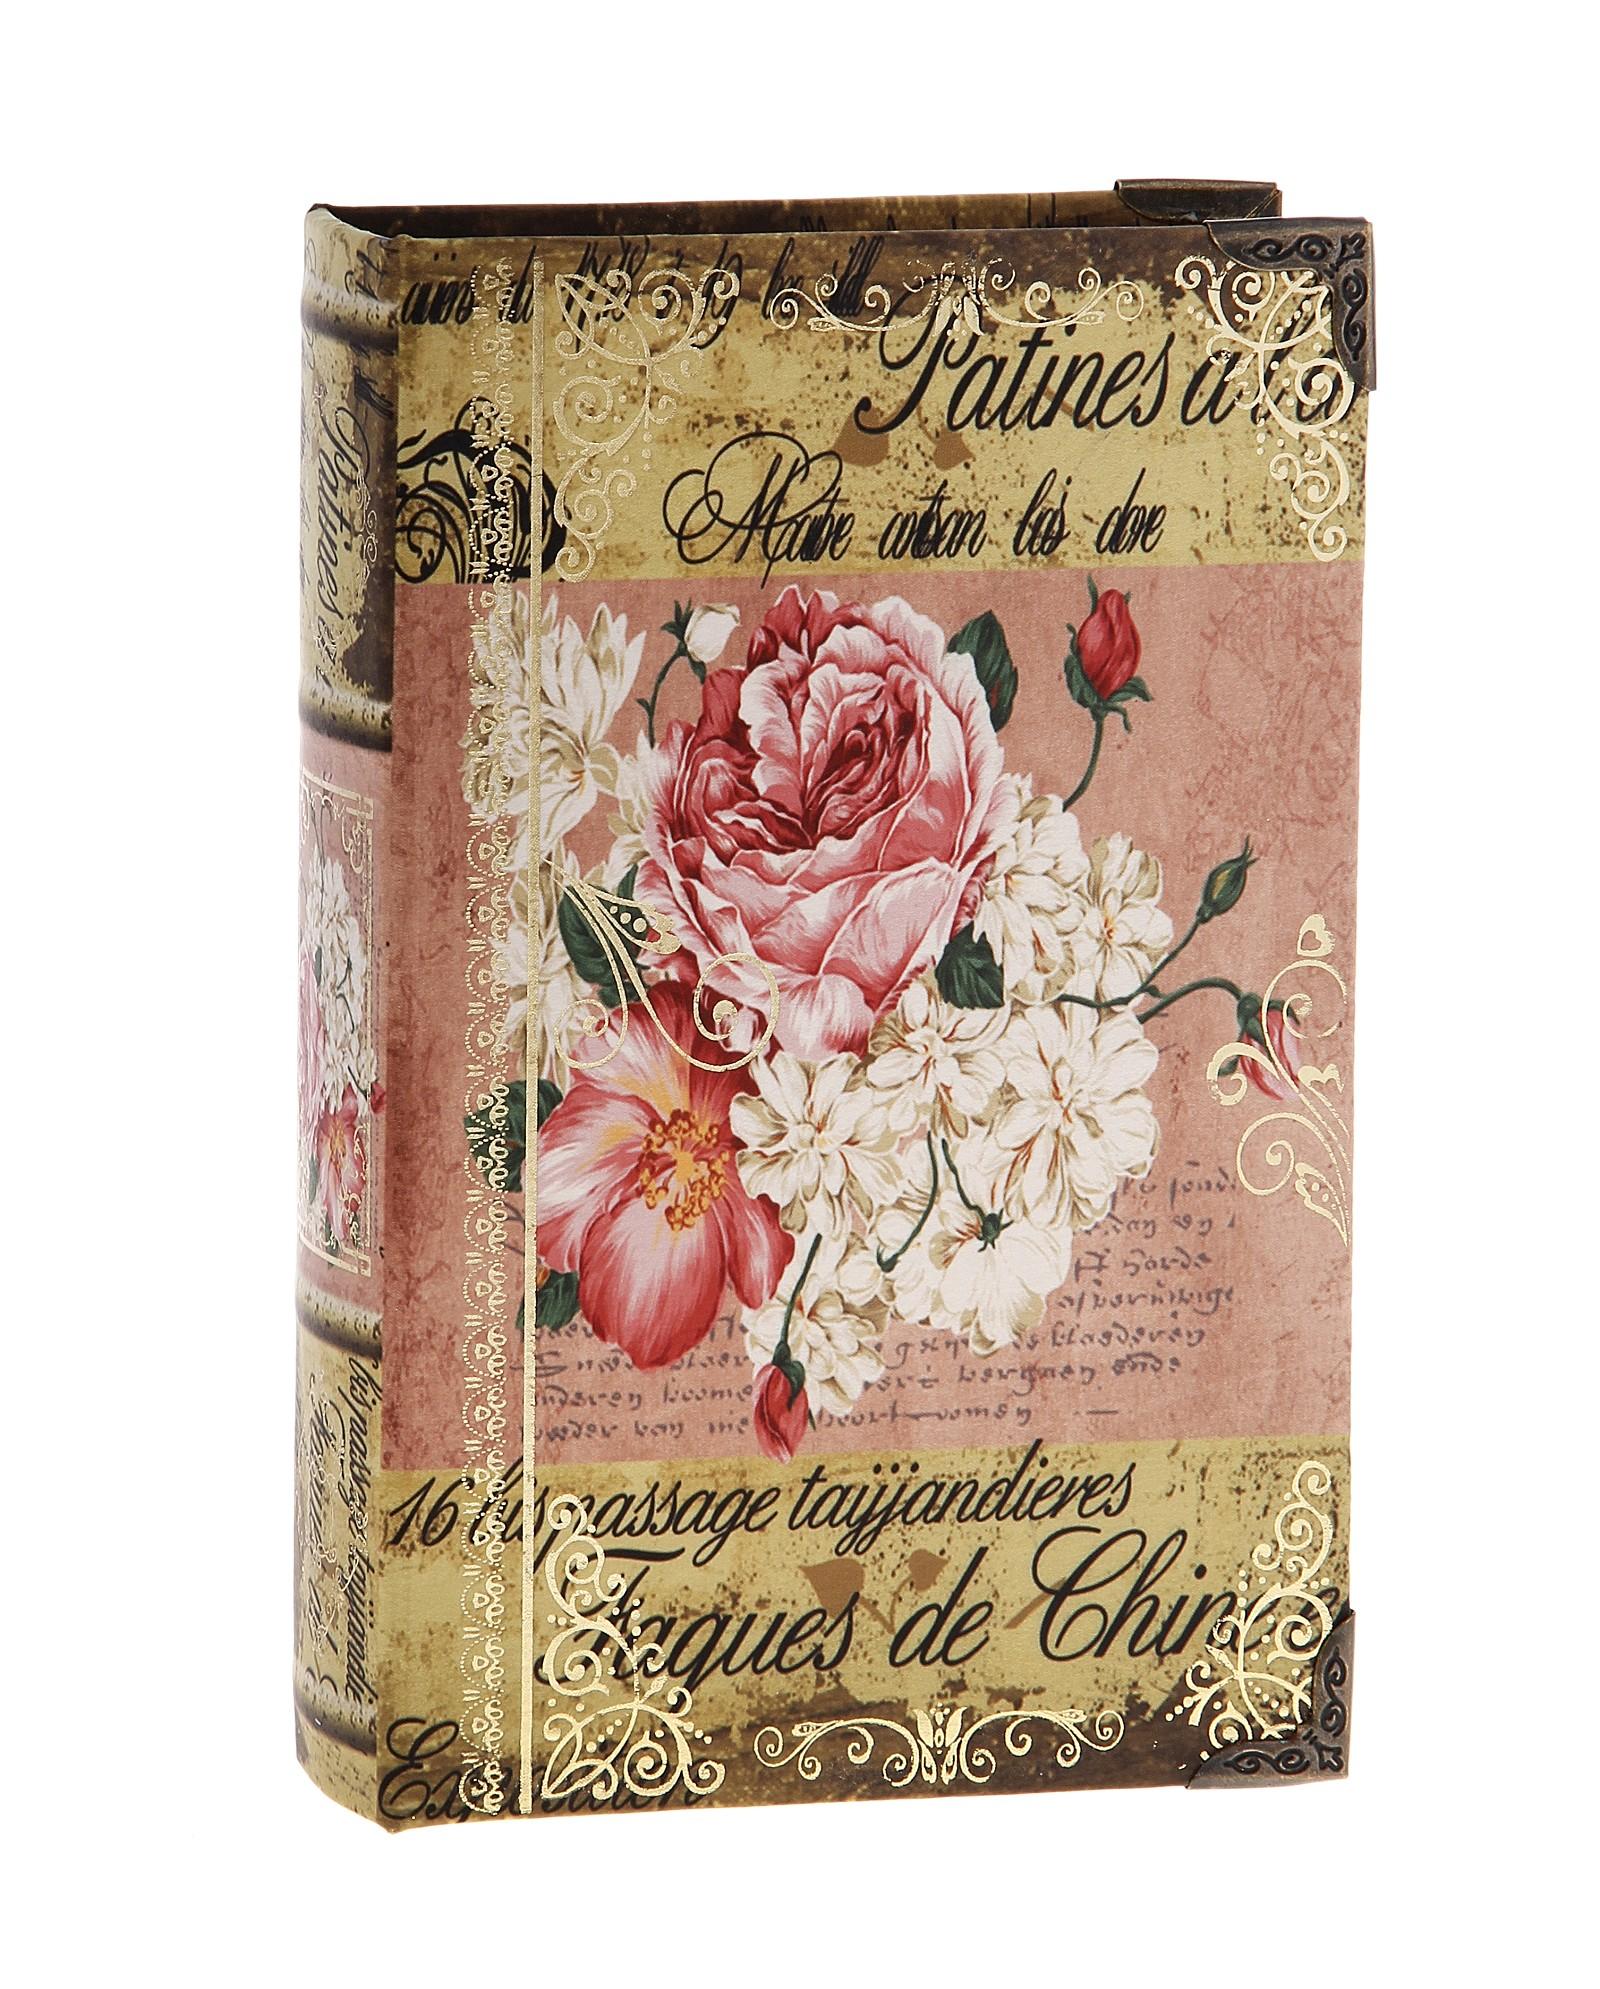 Шкатулка-книга Поэма о цветахFS-80299Оригинальное оформление шкатулки, несомненно, привлечет внимание. Шкатулка выполнена в виде книги, поверхность которой изготовлена из шёлка и оформлена изображением прекрасной цветочной композиции. Такая шкатулка может использоваться для хранения бижутерии, в качестве украшения интерьера, а также послужит хорошим подарком для человека, ценящего практичные и оригинальные вещицы. Характеристики:Материал: дерево, шёлк, металл. Размер шкатулки (в закрытом виде): 24 см х 16 см х 5 см. Размер упаковки: 24,5 см х 16 см х 5 см. Артикул: 680711.